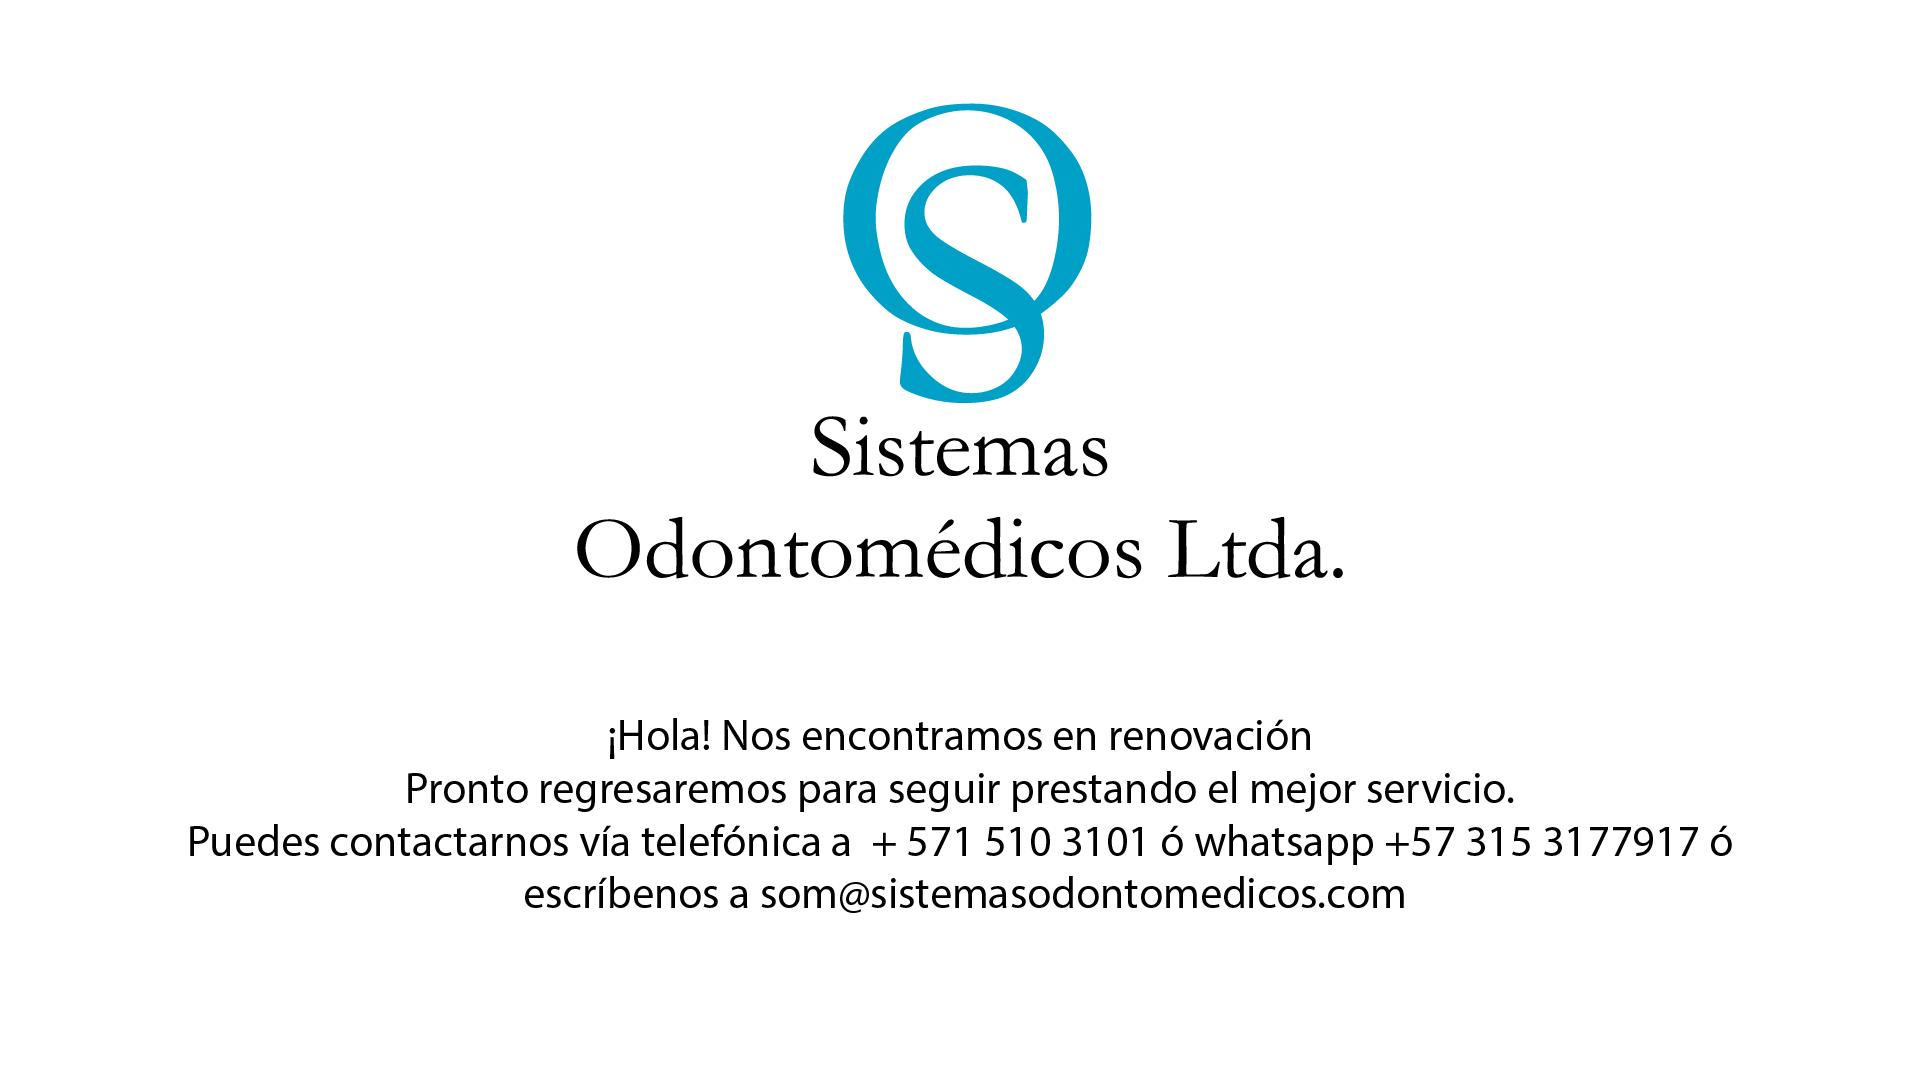 Sistemas Odontomedicos